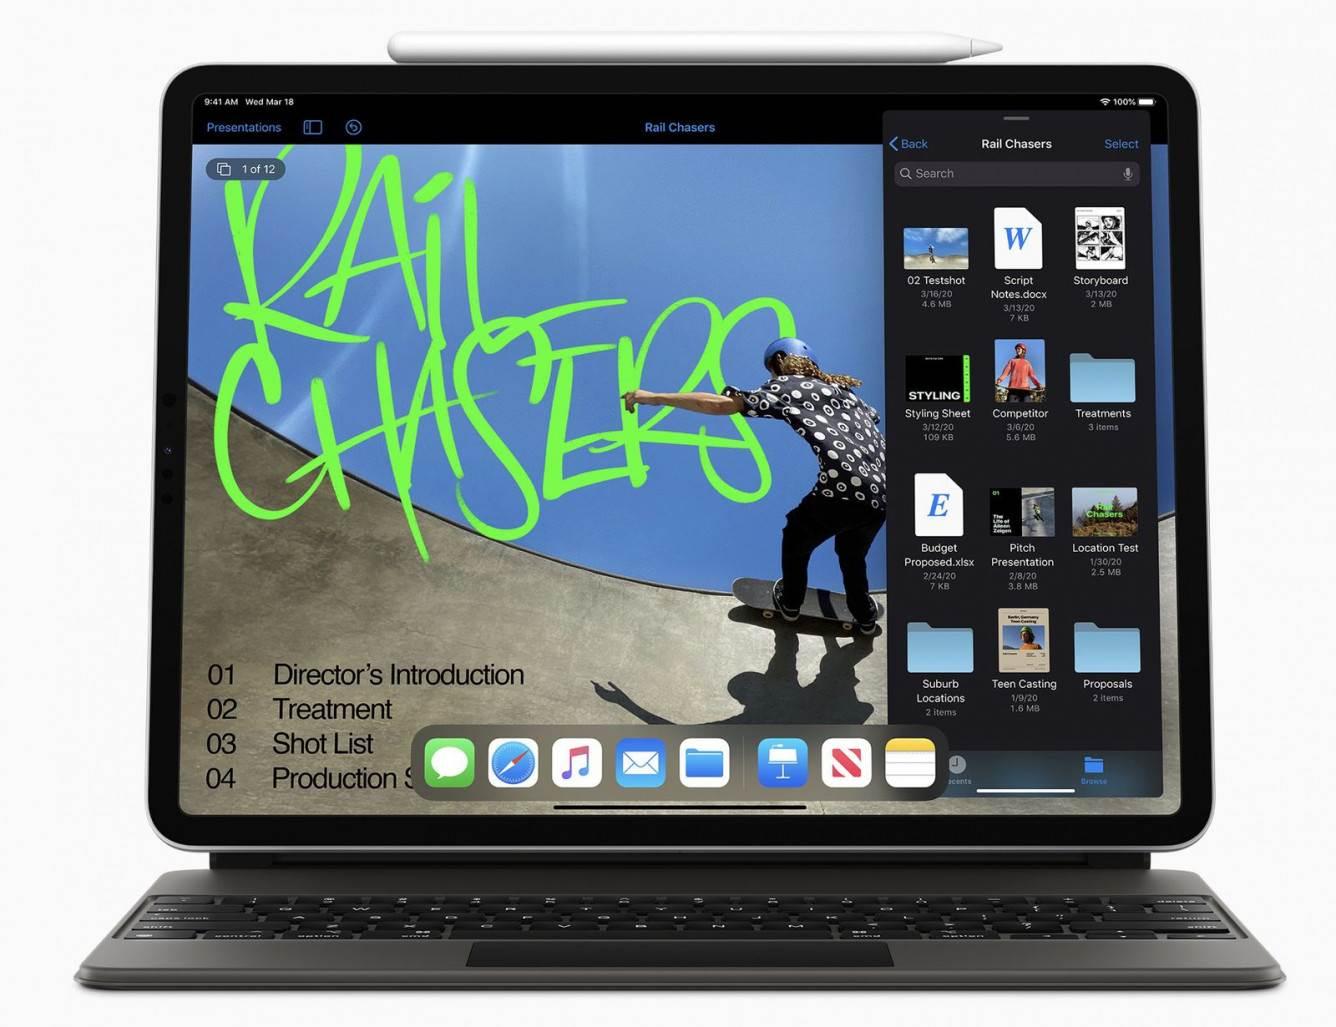 Apple doda obsługę gładzika i myszy do wszystkich iPadów z iPadOS 13.4 polecane, ciekawostki iPadOS 13.4, Aktualizacja  Już w najbliższy wtorek, Apple udostępni wszystkim użytkownikom finalne wersje swoich najnowszych systemów. Najbardziej z aktualizacji powinni jednak ucieszyć się właściciele iPadów. Dlaczego? new ipad pro trackpad keyboard